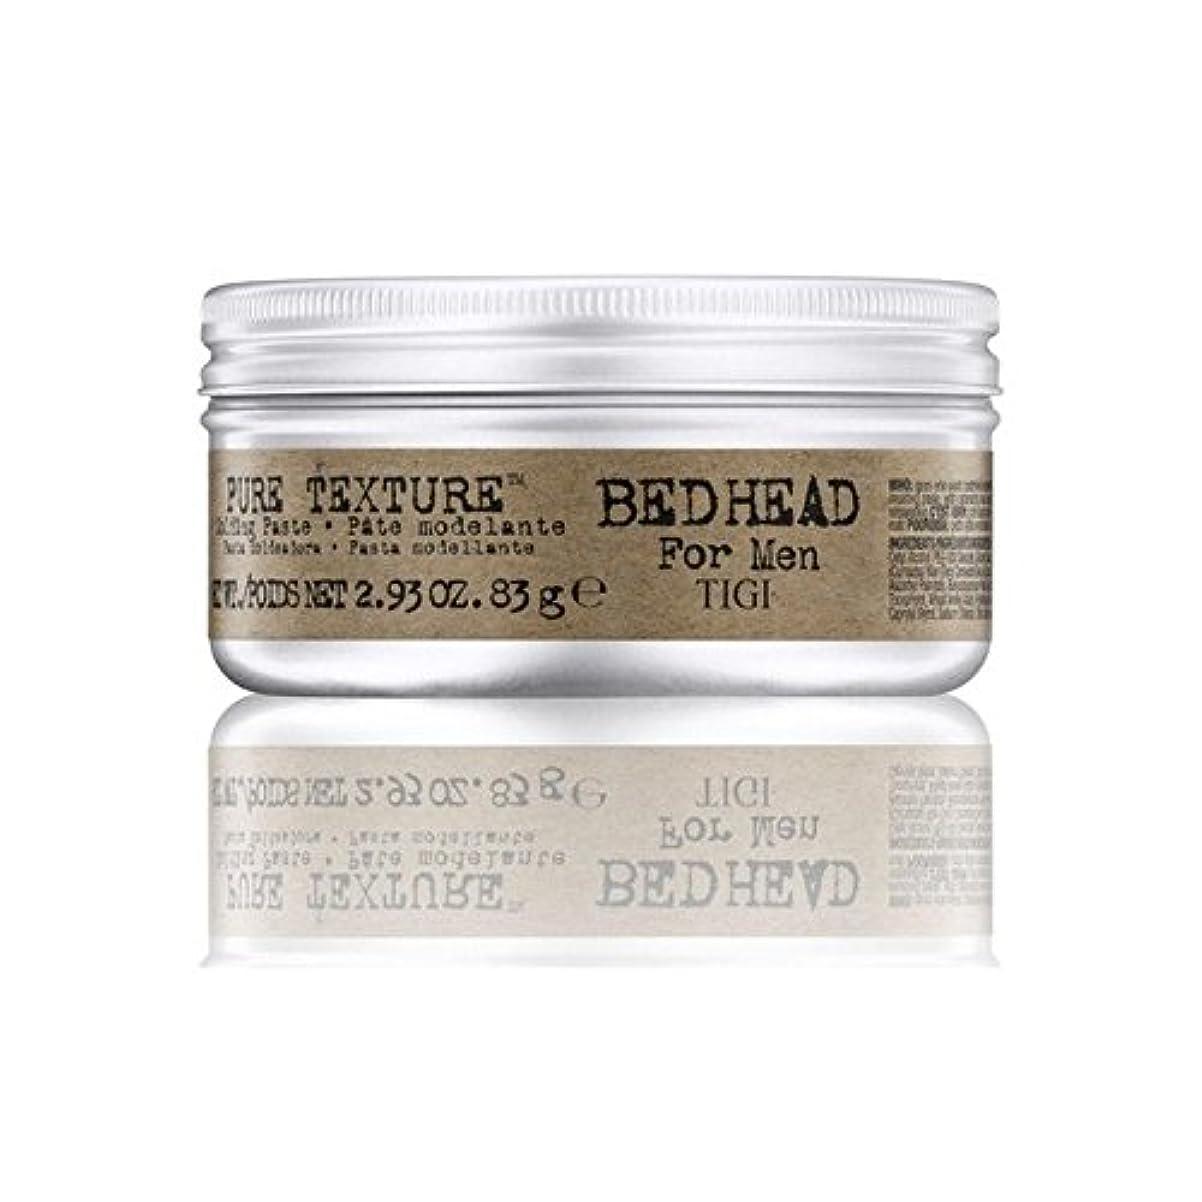 療法ウイルスばか男性の純粋なテクスチャーモールディングペースト(83グラム)のためのティジーベッドヘッド x2 - Tigi Bed Head For Men Pure Texture Molding Paste (83G) (Pack...